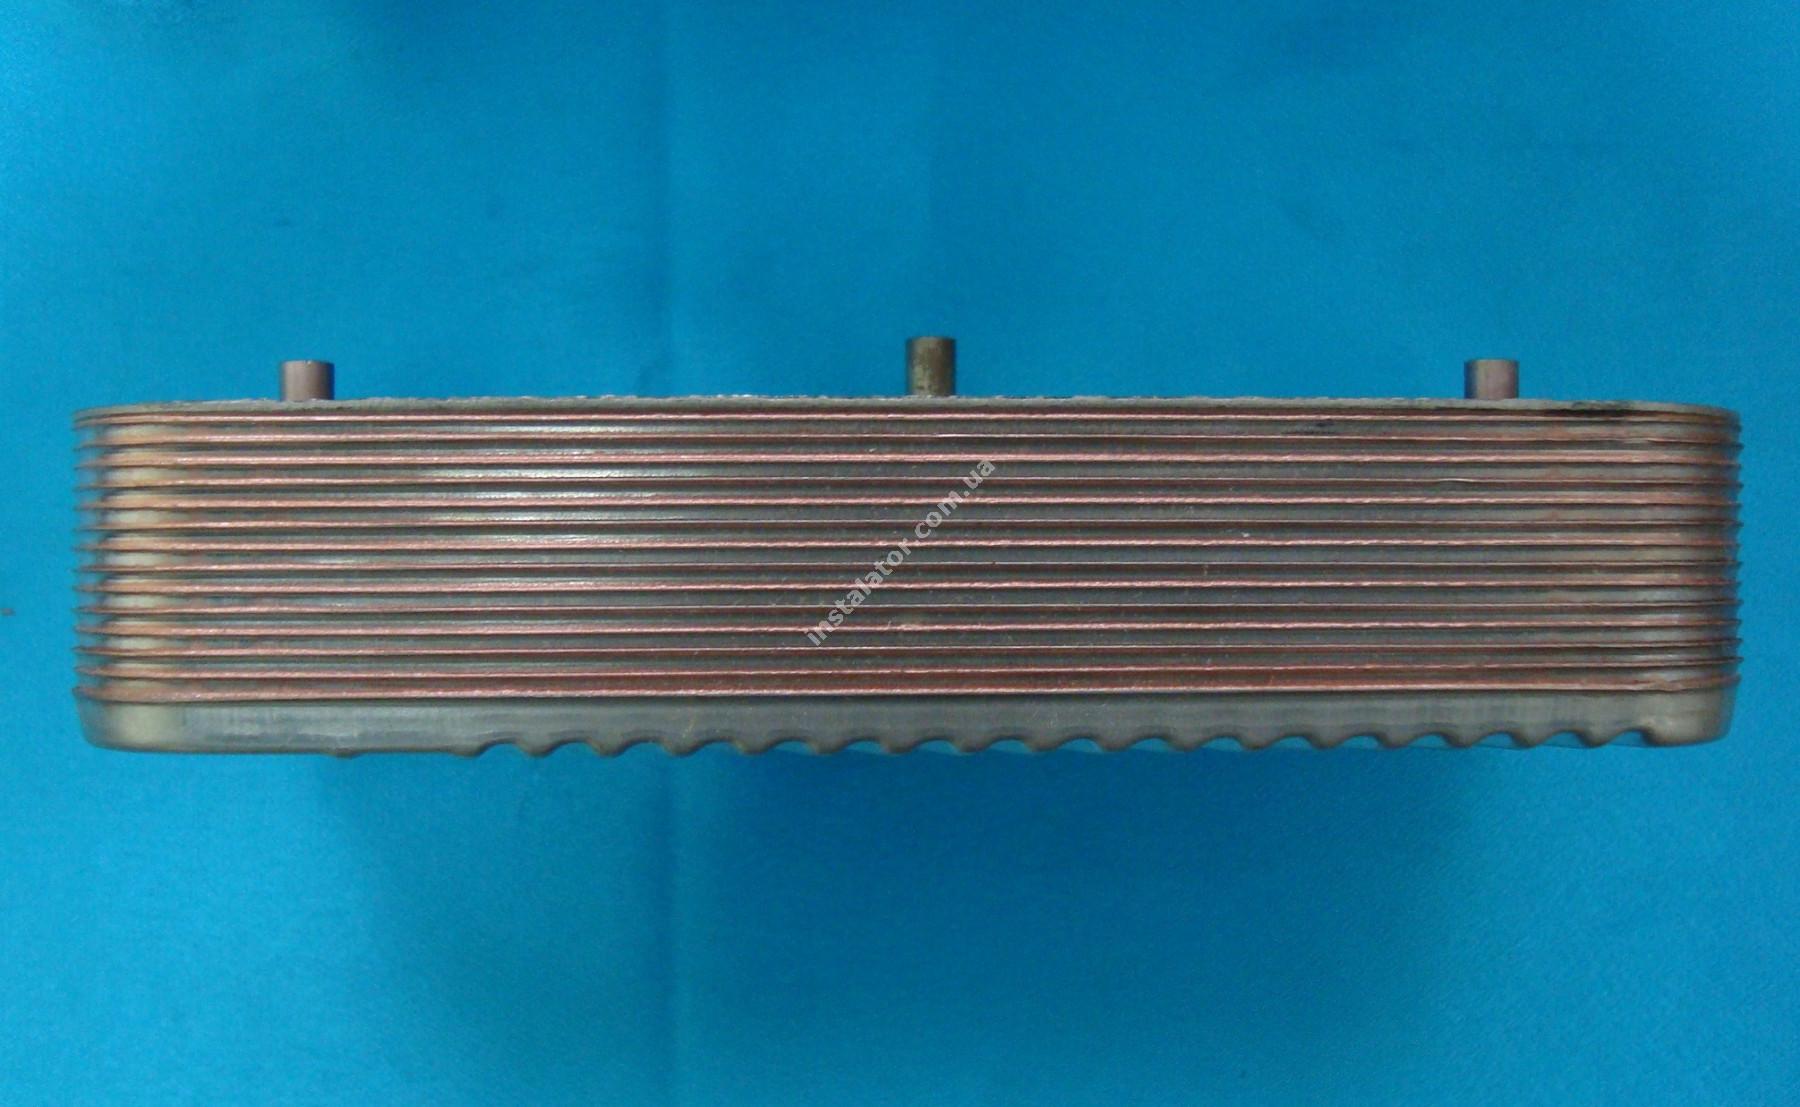 17B1951409 Теплообмінник вторинний Zilmet /SIME Format. Zip BF 14 пластин  full-image-2